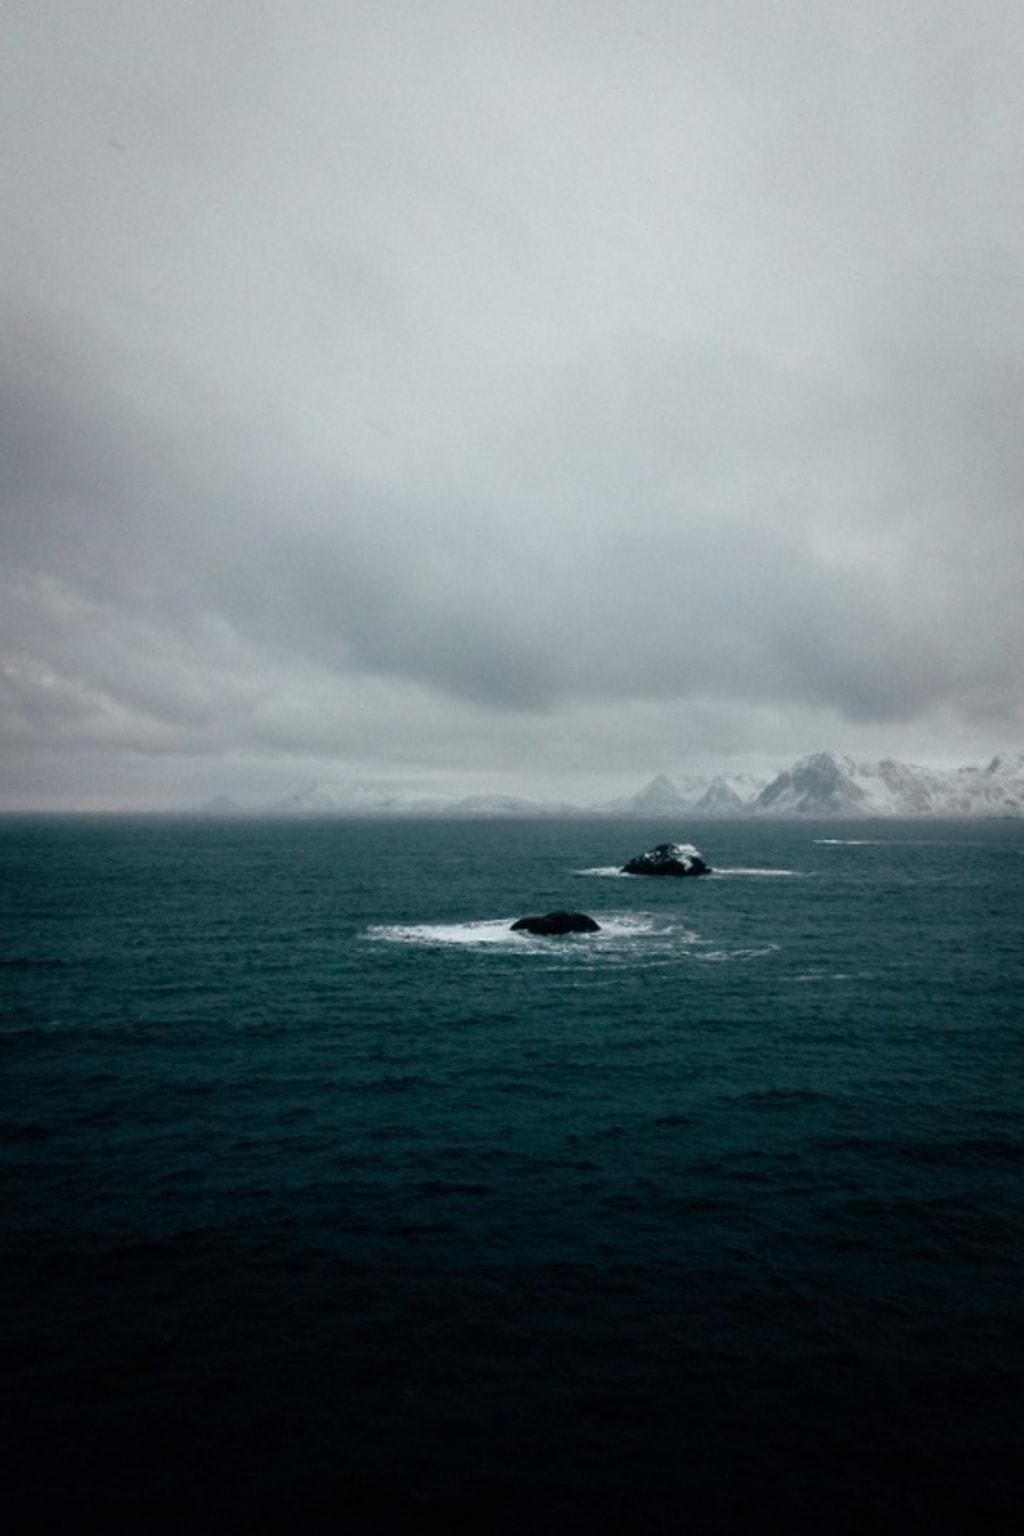 Nøkkeløya, Norway // By Benjamin Behre via Barbara Fariña